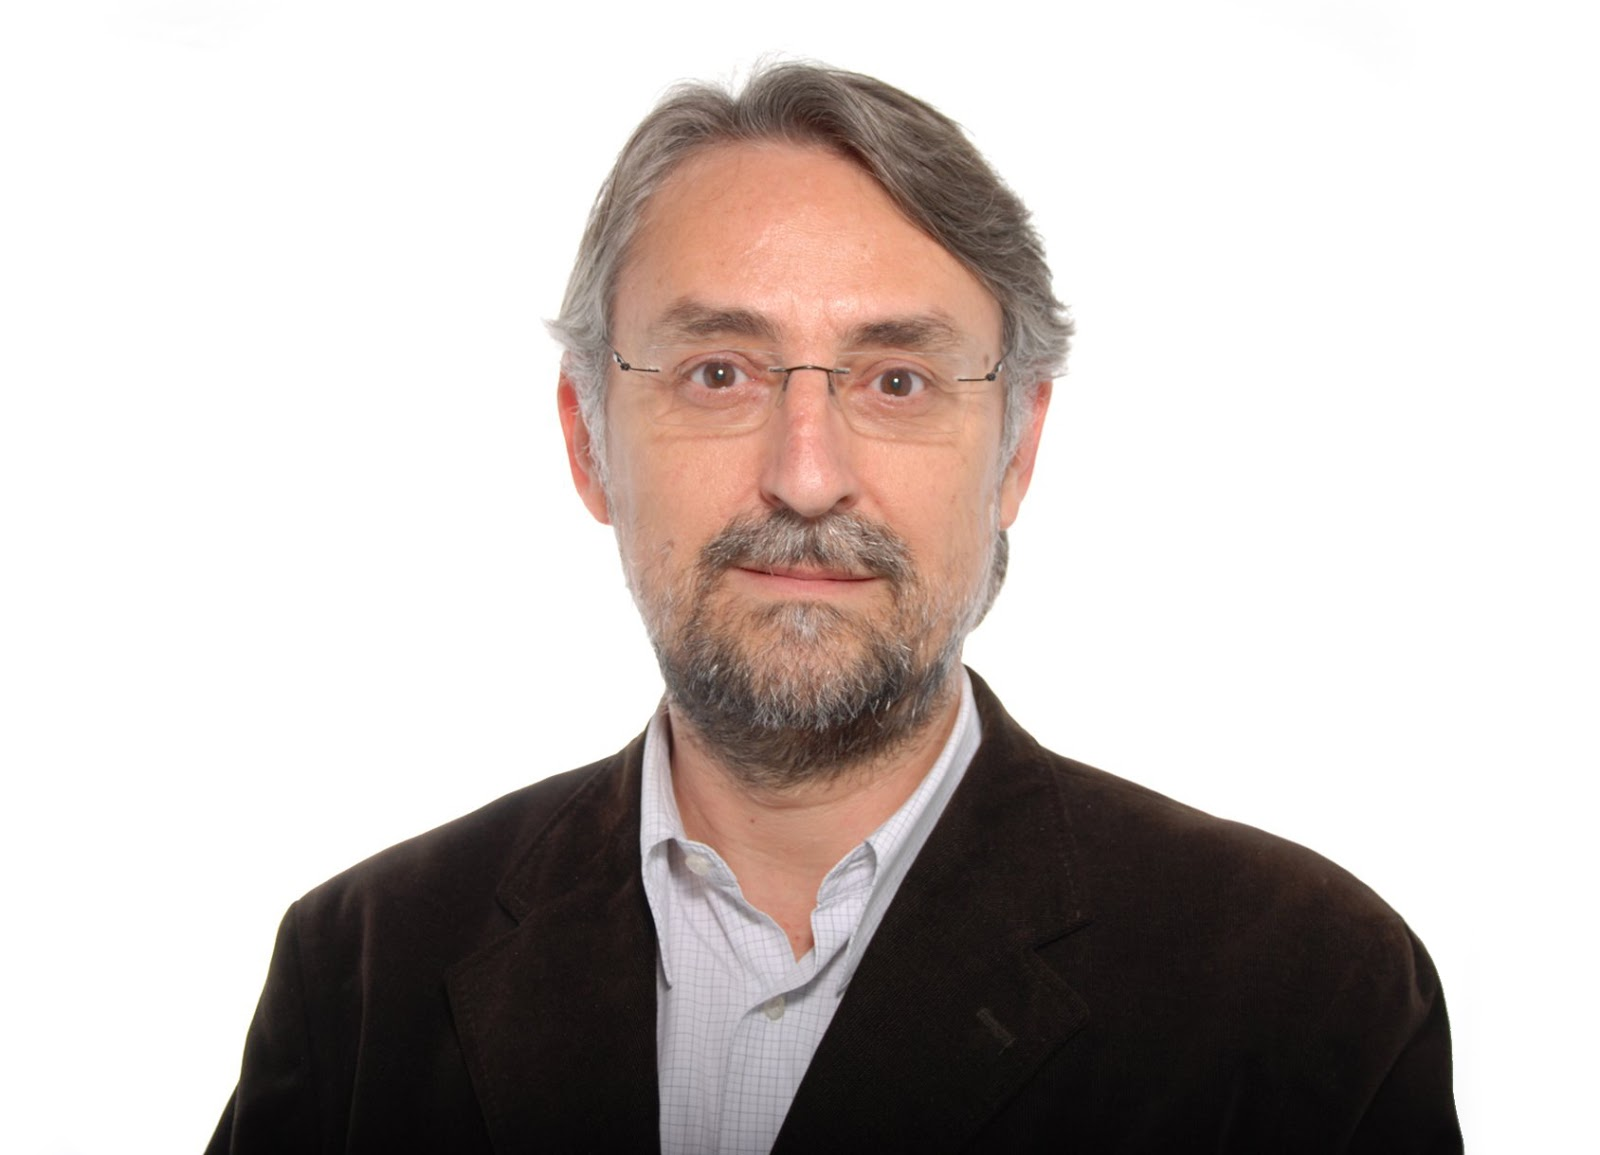 Tatary felicita al nuevo Director General de Asuntos Religiosas de la Generalitat de Catalunya